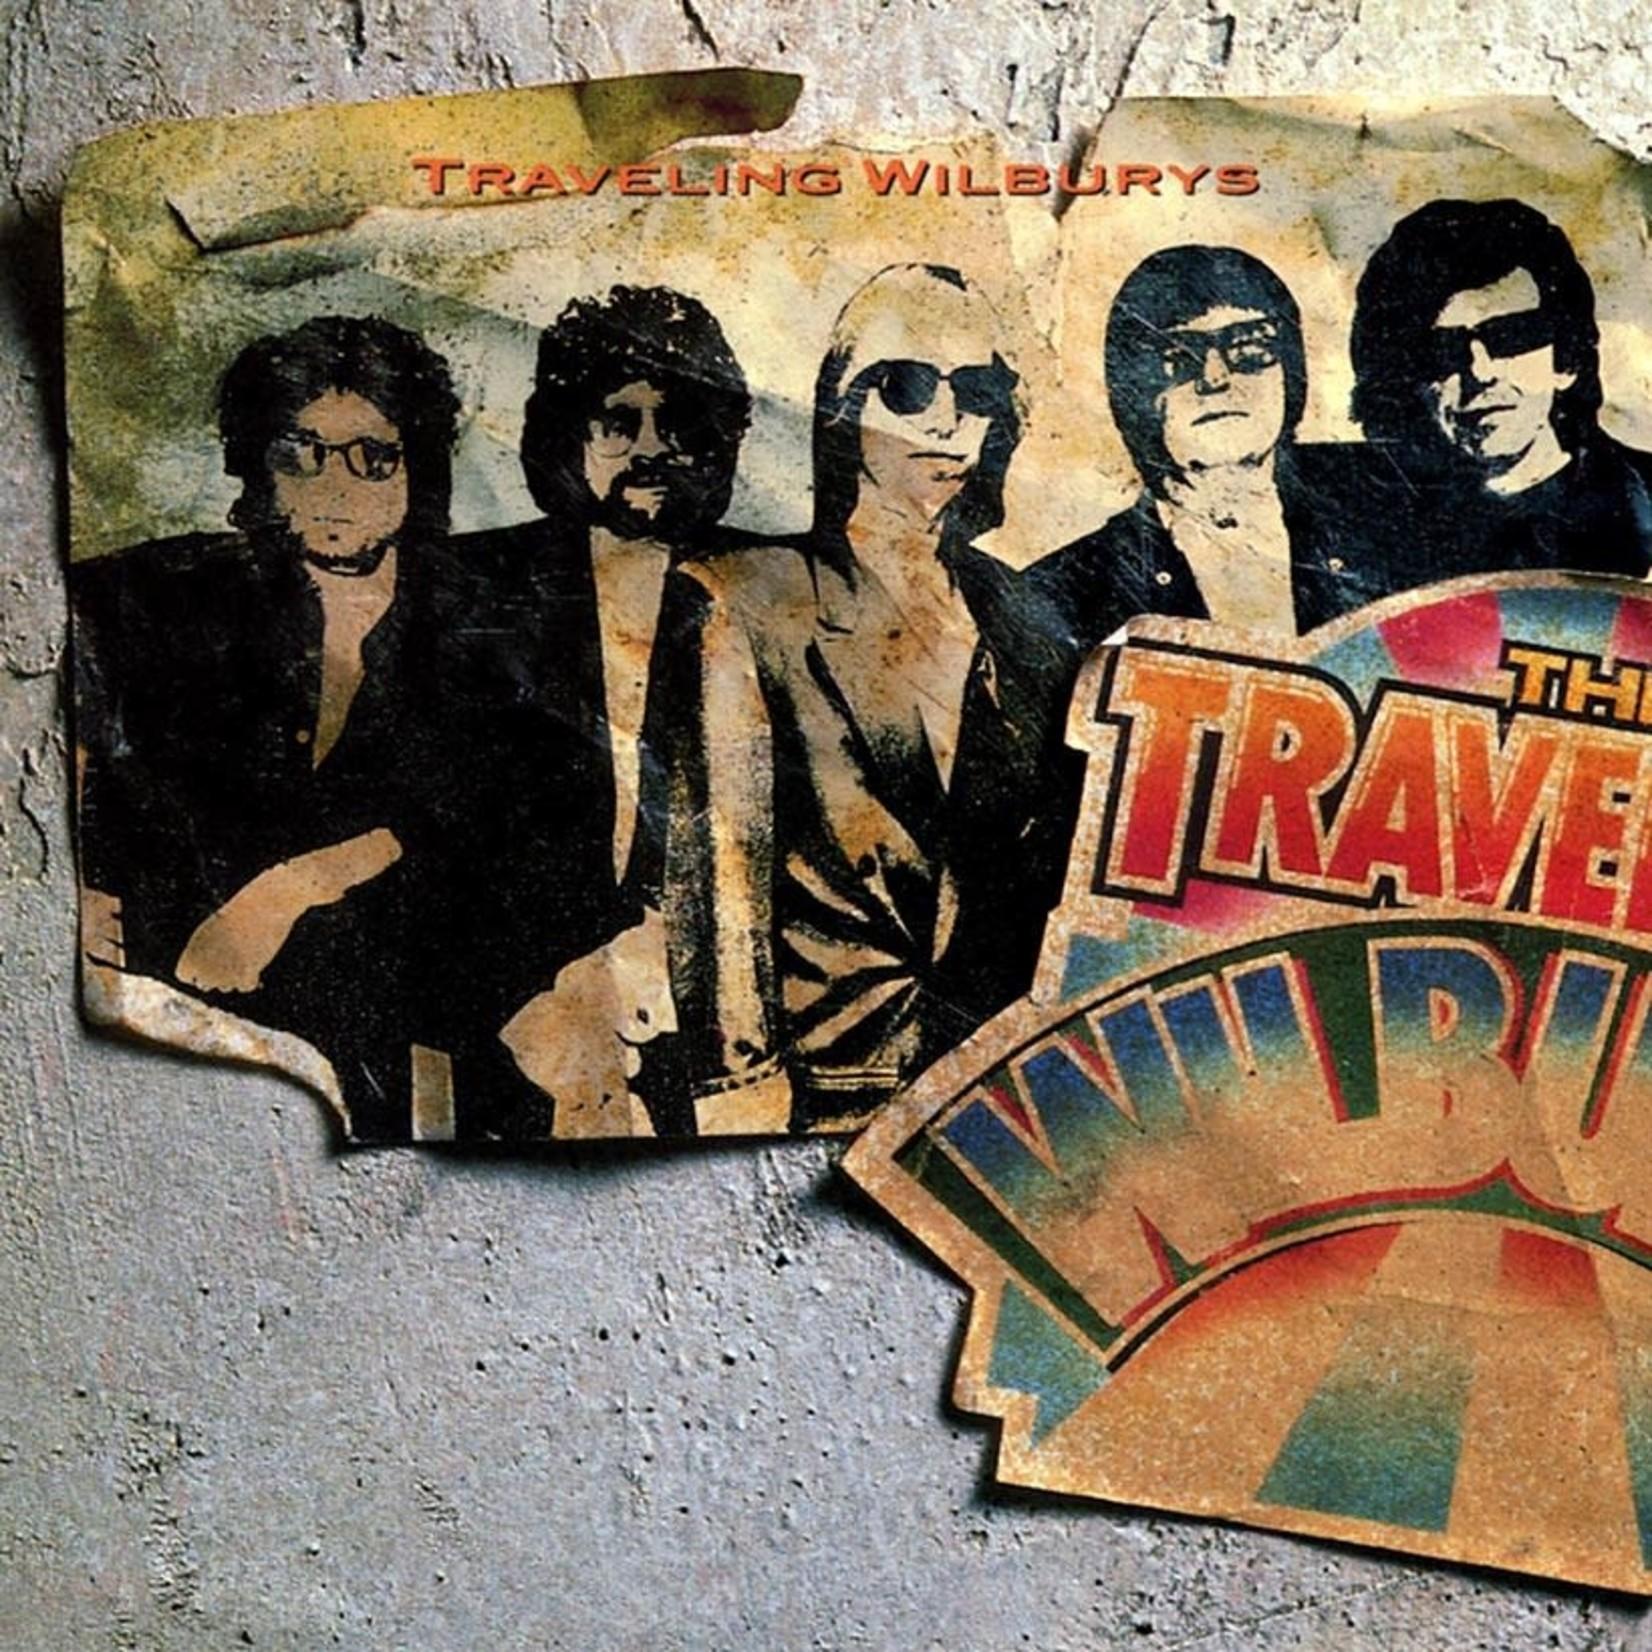 [Vintage] Traveling Wilburys: Vol. 1